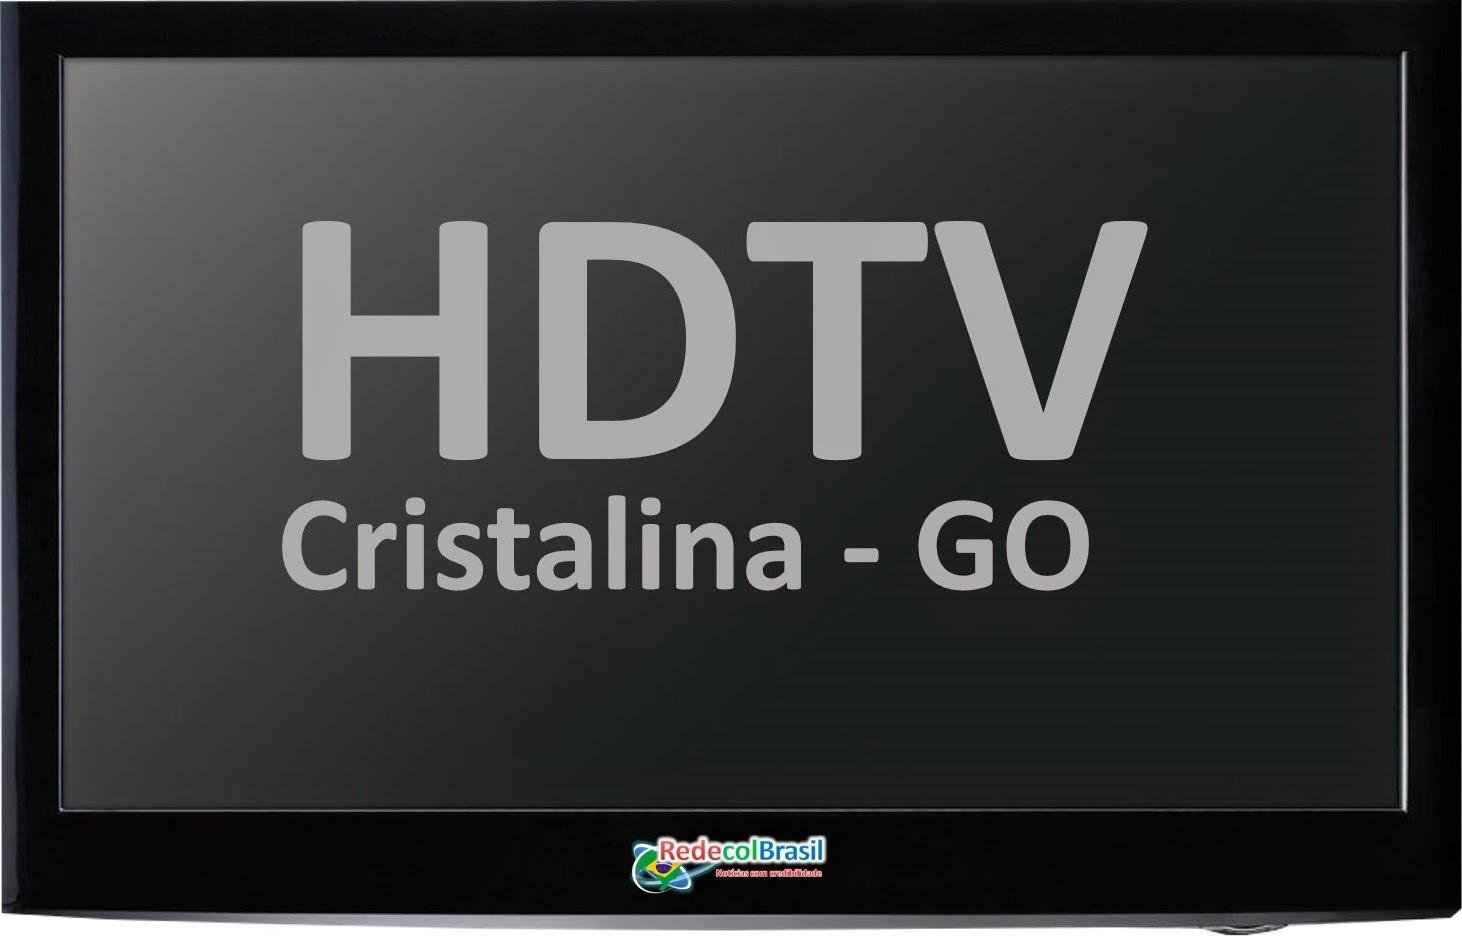 Televisão em alta definição está chegando a Cristalina Goiás